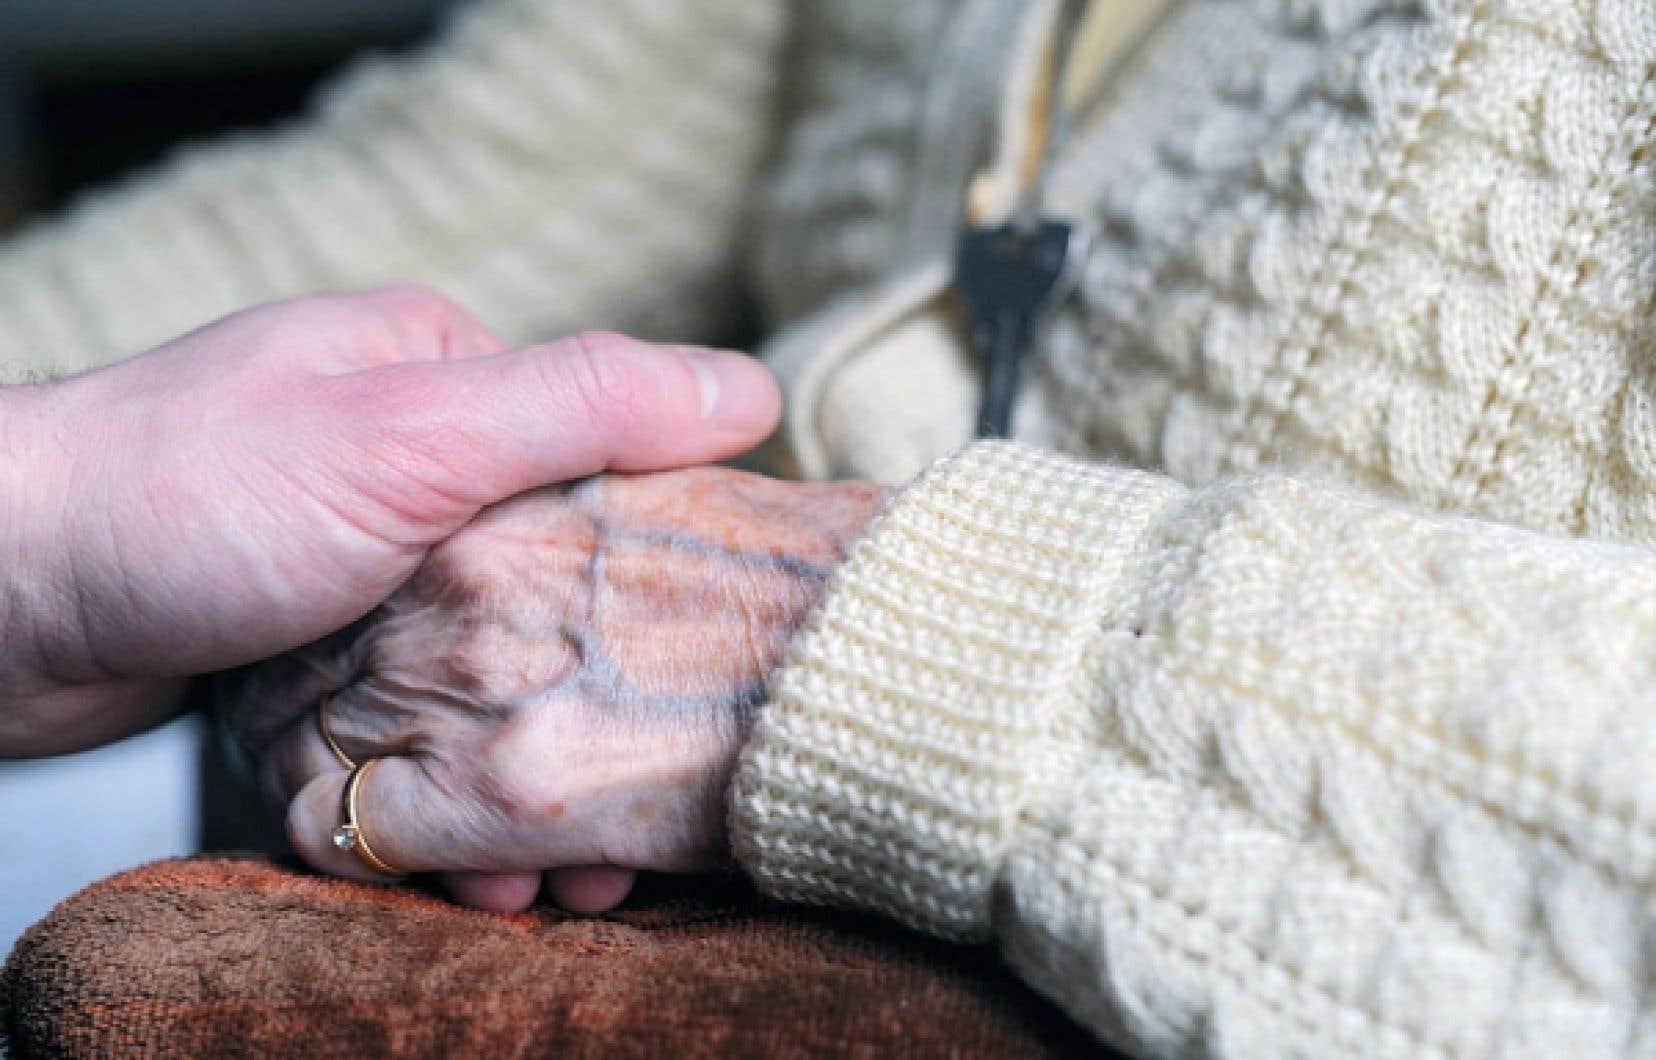 L'insuffisance de l'aide à domicile transfère la responsabilité des soins aux proches aidants.<br />